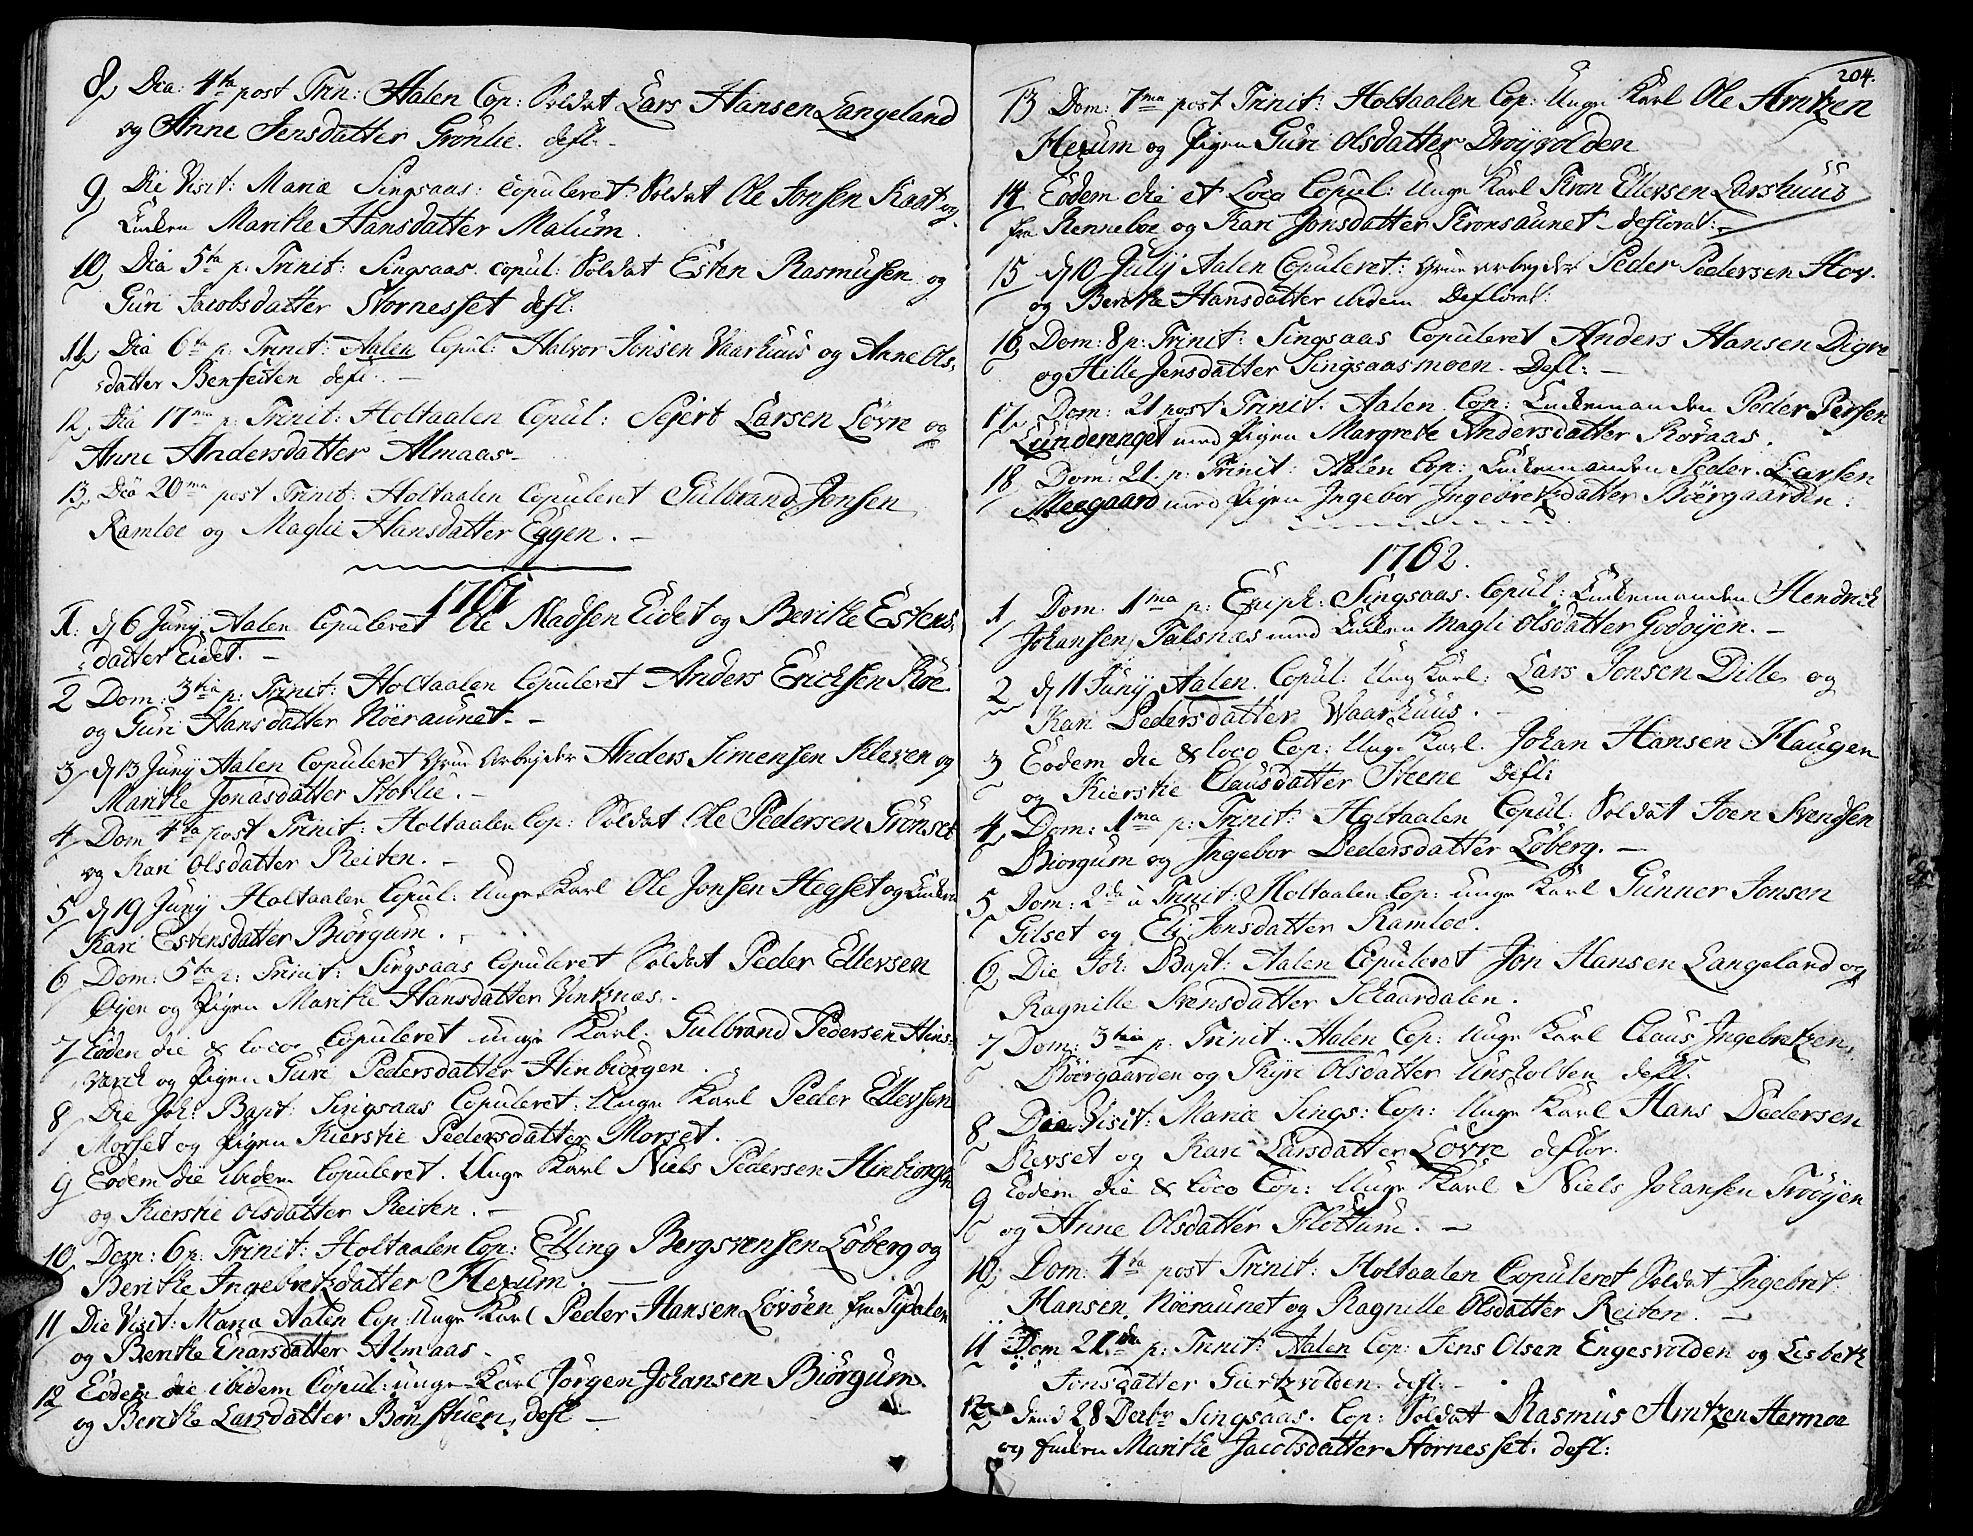 SAT, Ministerialprotokoller, klokkerbøker og fødselsregistre - Sør-Trøndelag, 685/L0952: Ministerialbok nr. 685A01, 1745-1804, s. 204